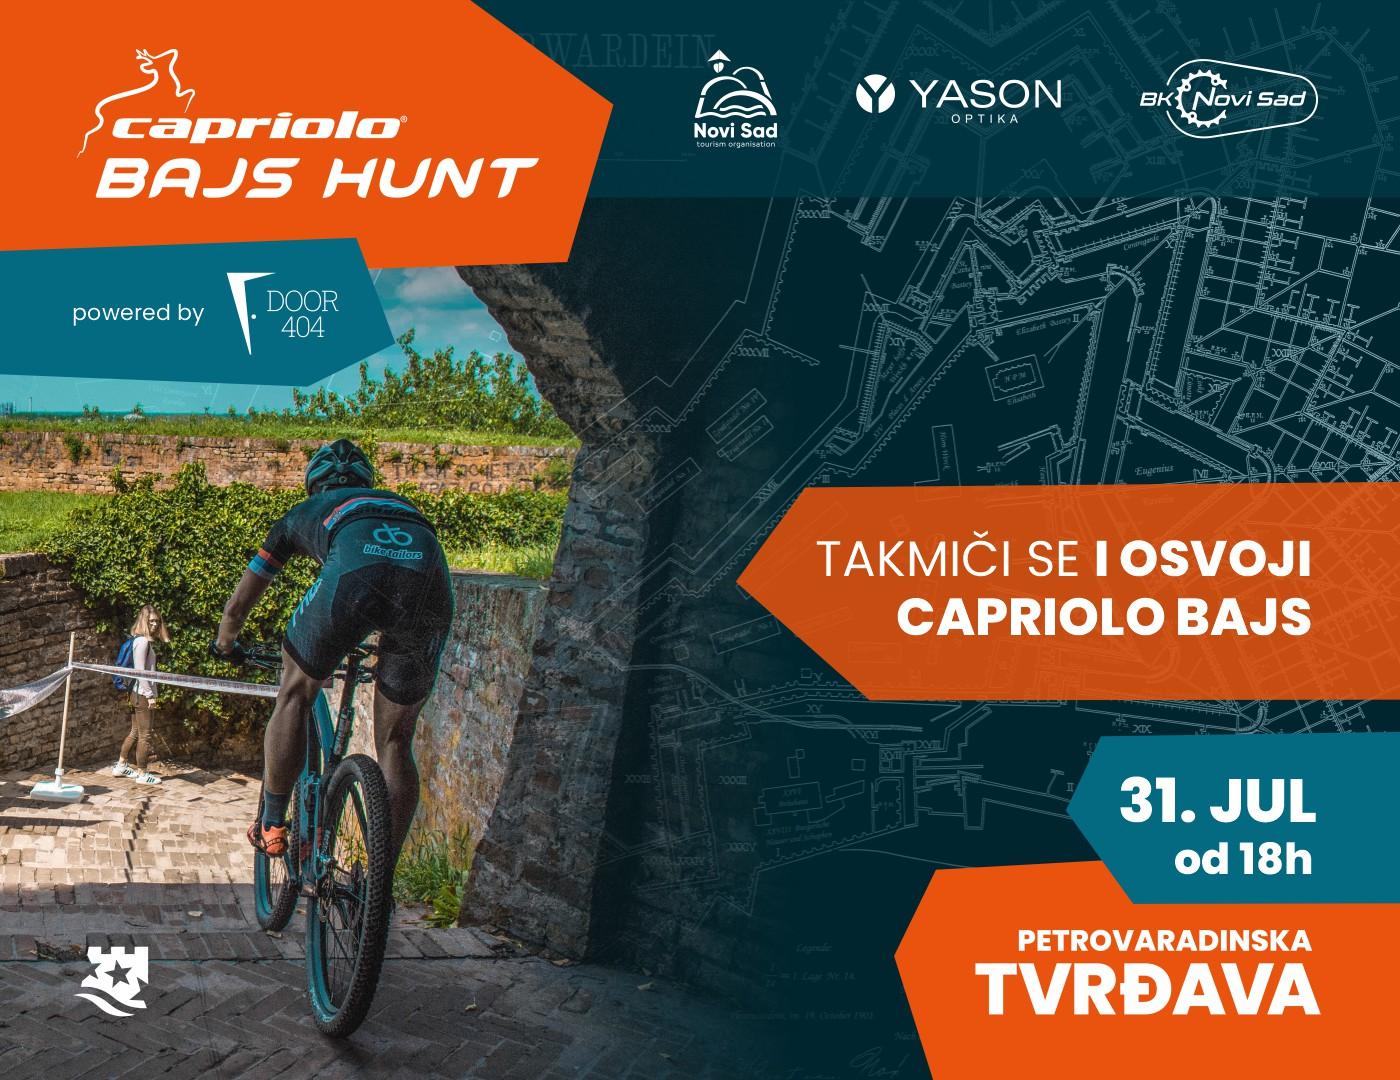 Capriolo Bajs hunt vizual - 01 v02